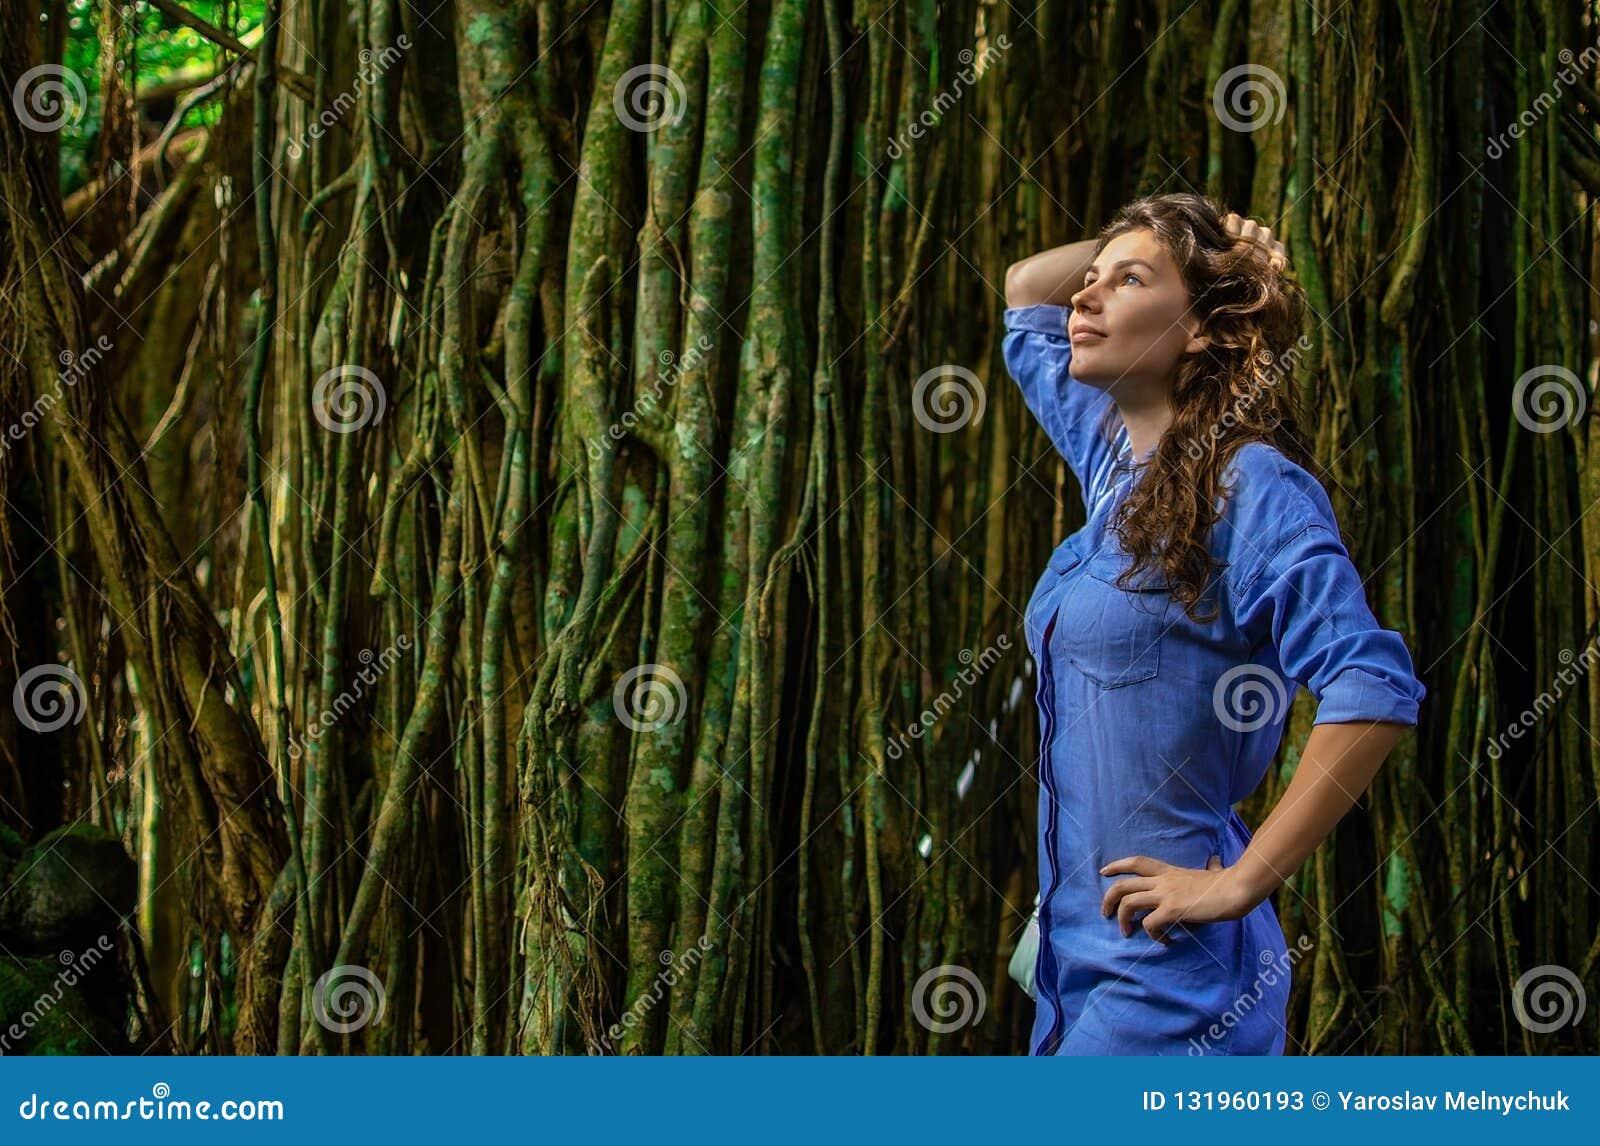 Portret ładna młoda kobieta bierze obrazek w dżungli z lians Dziewczyna stoi bezczynnie drzewa obok ona _